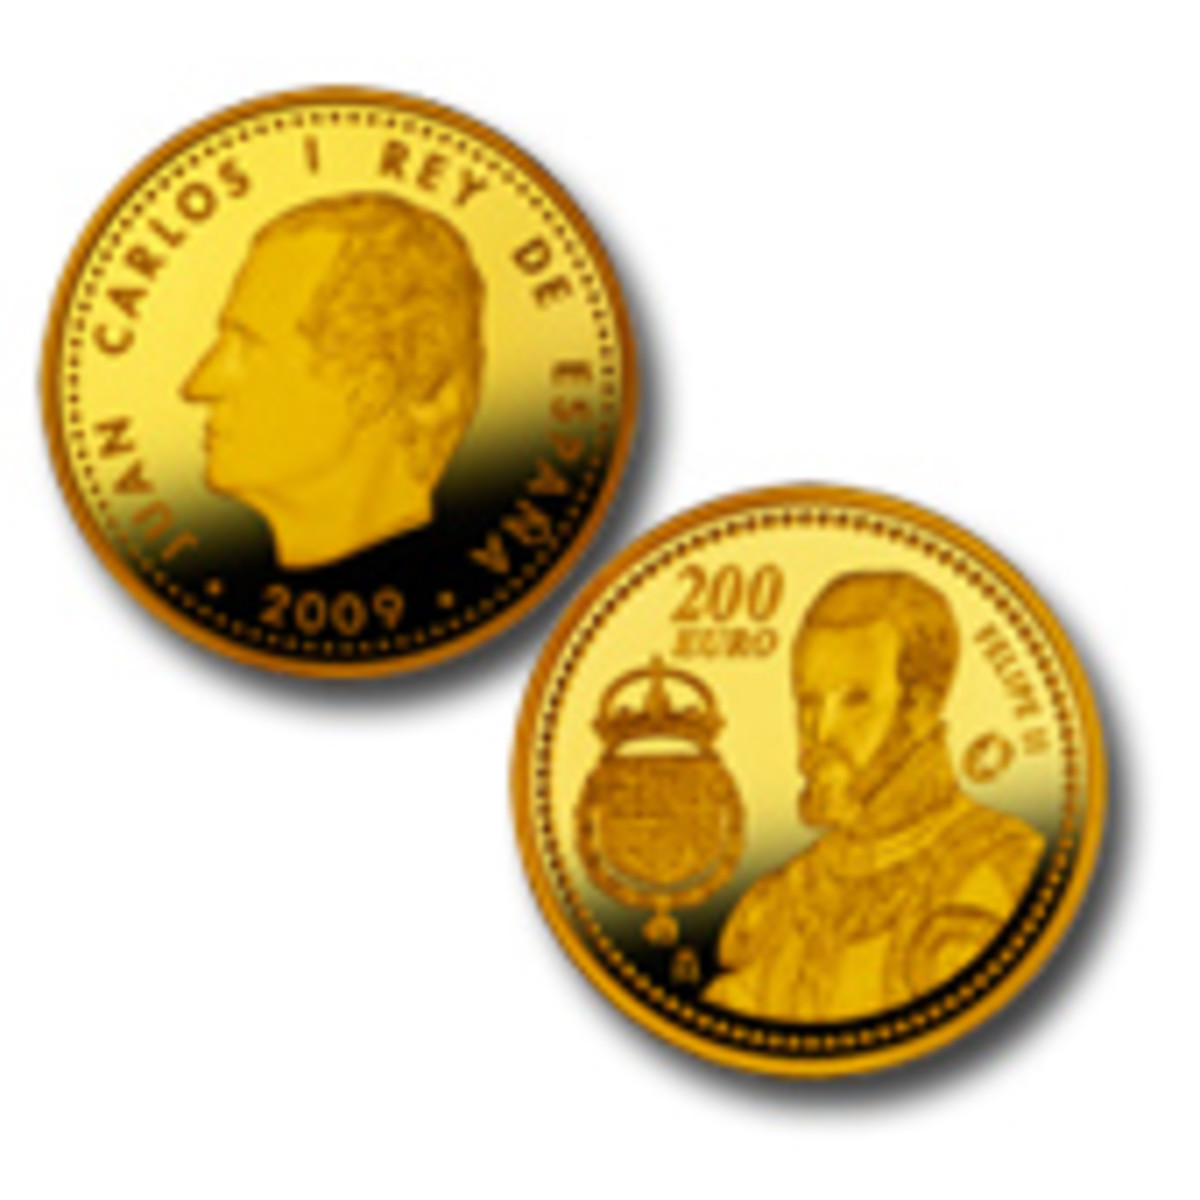 Spain 200 Euro.jpg